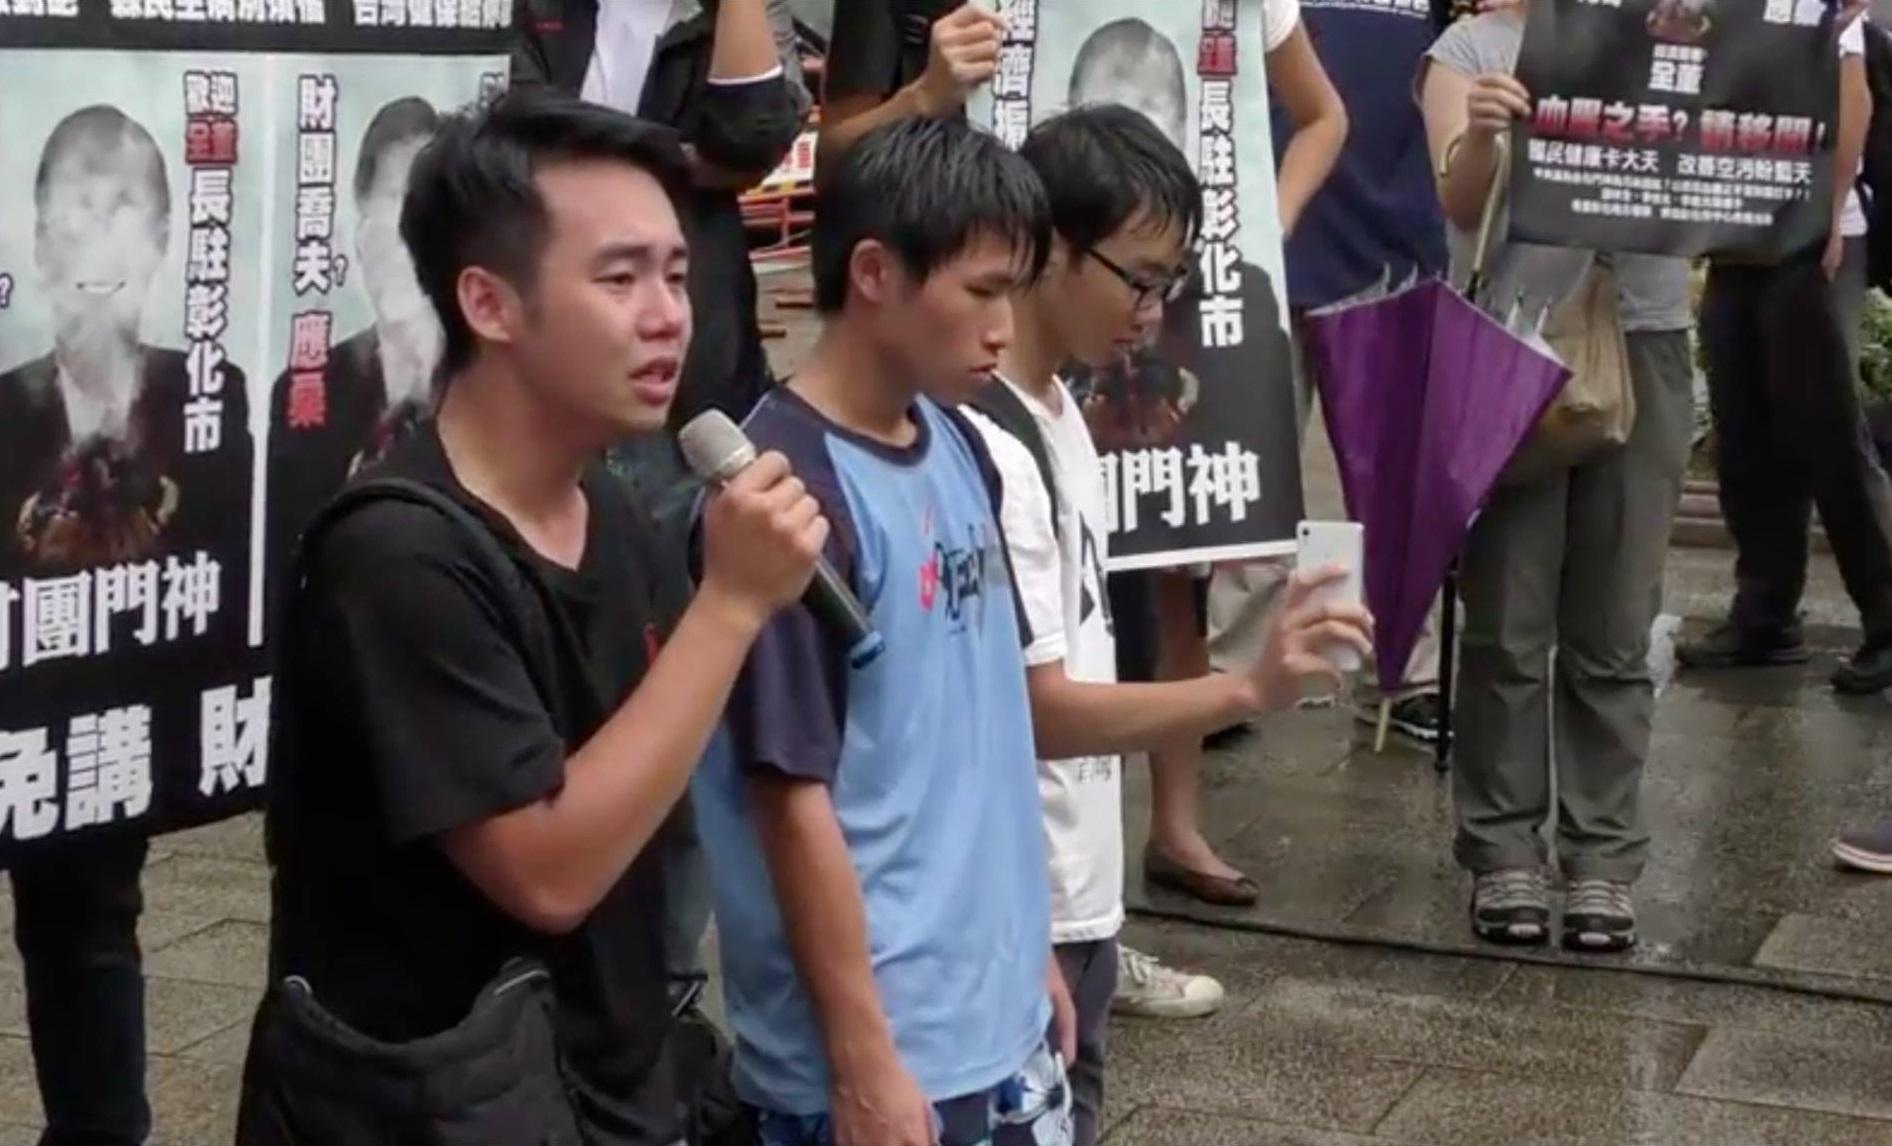 楊子賢(左一)常參加抗議活動。照片提供/楊子賢